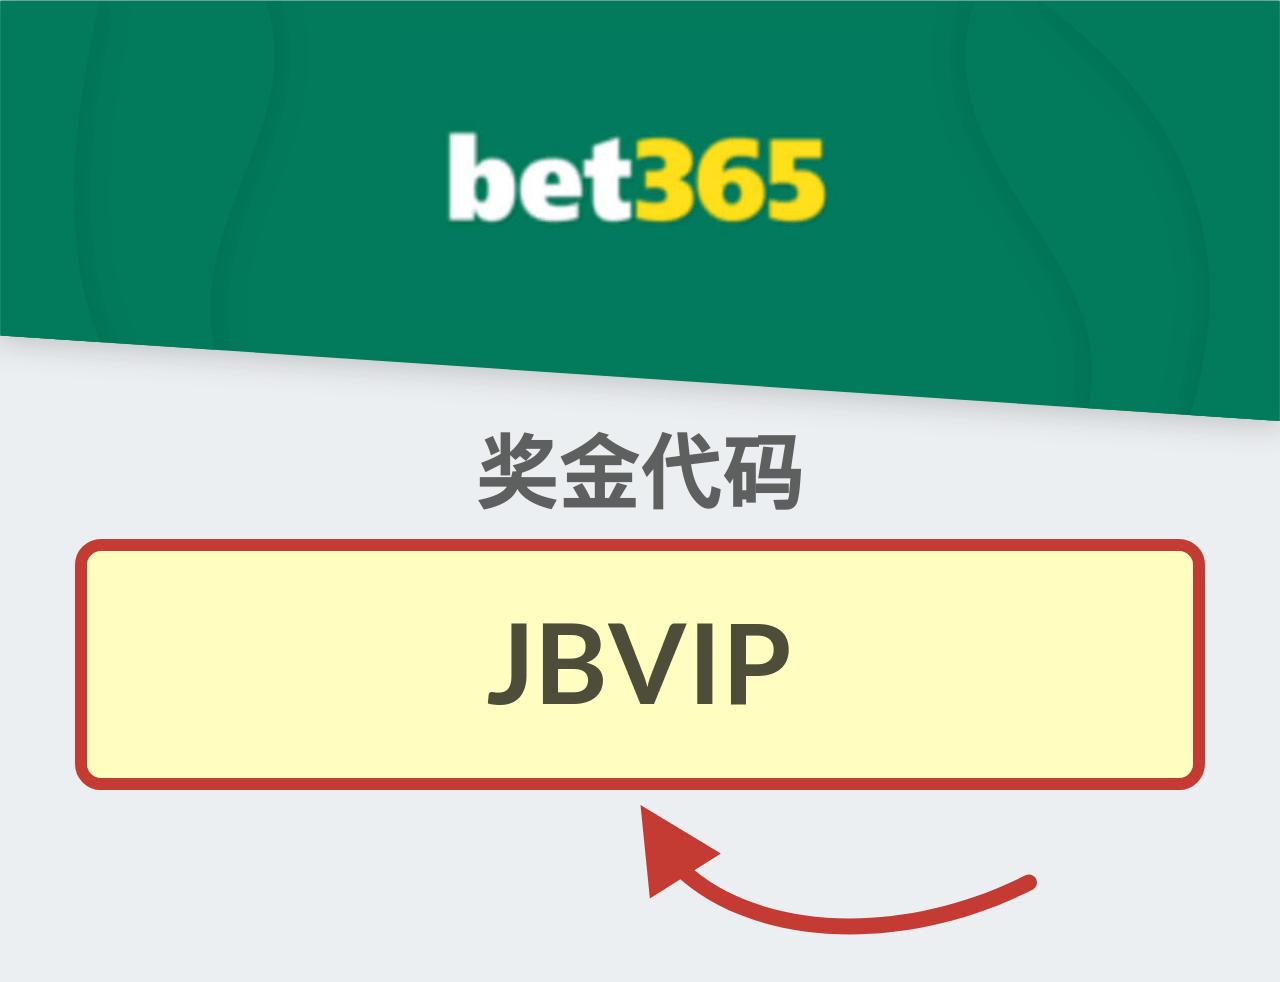 Bet365 奖金代码